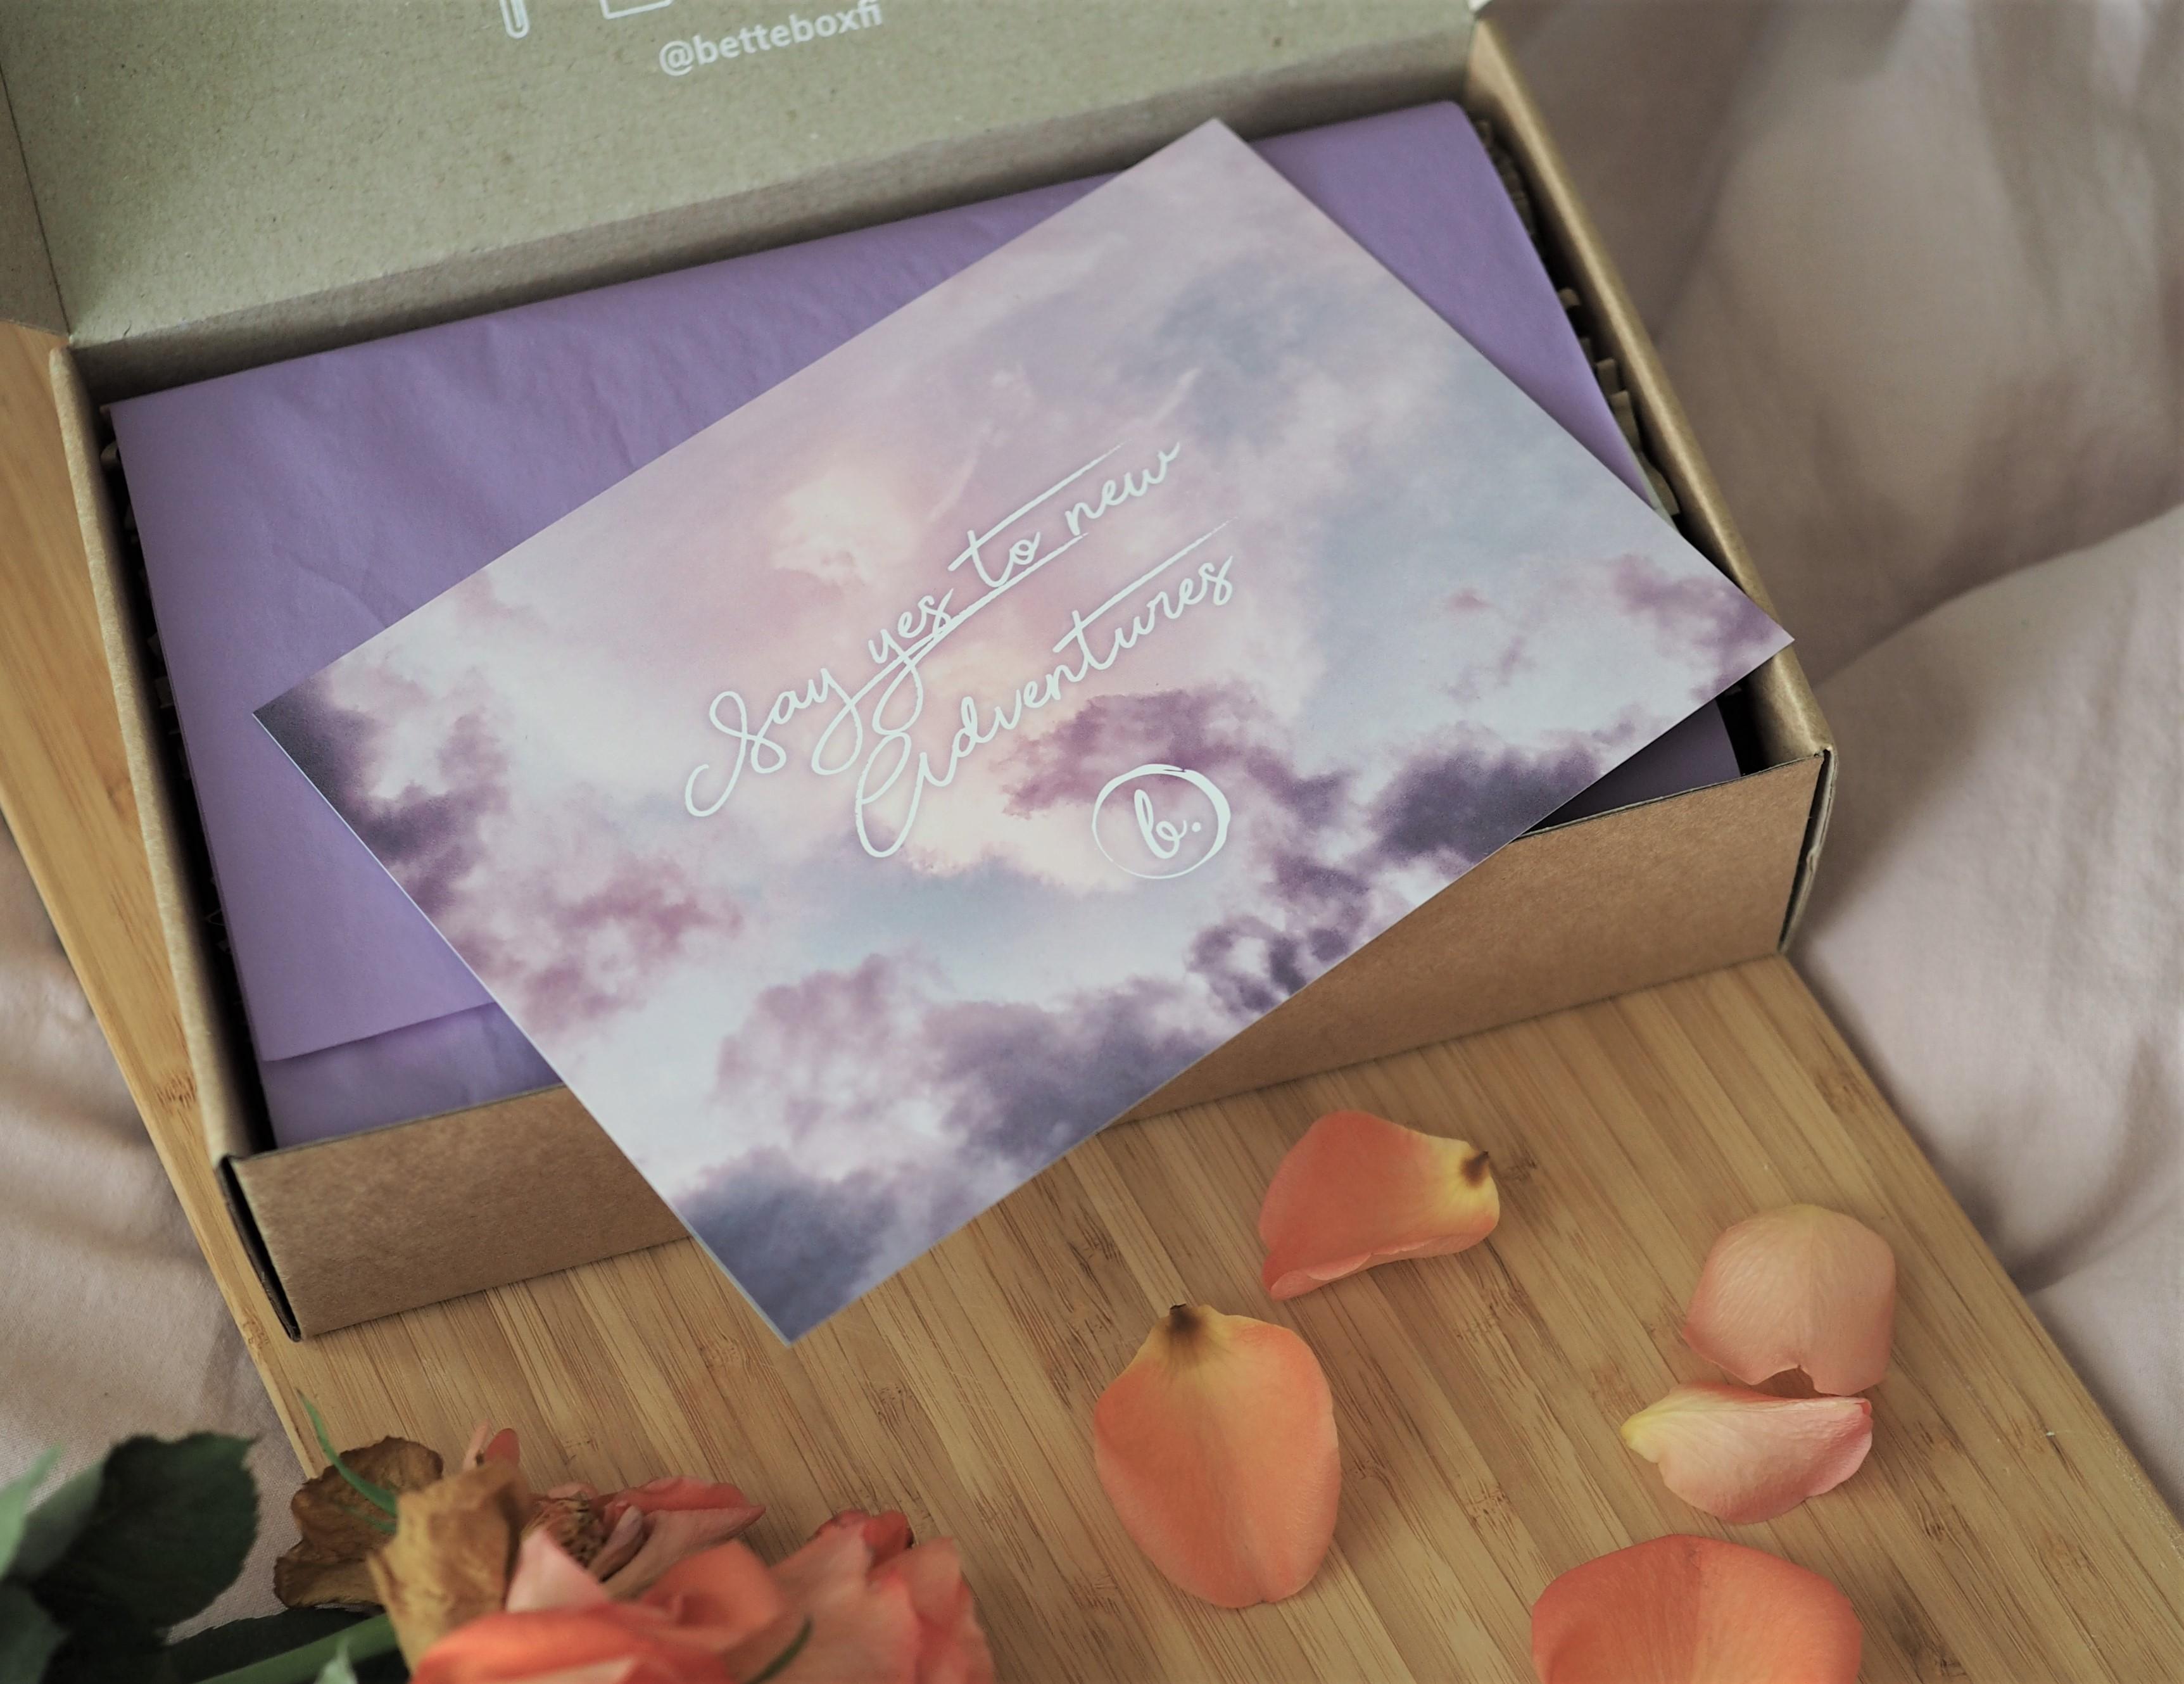 Bette box – syyskuu 2019 + alekoodi